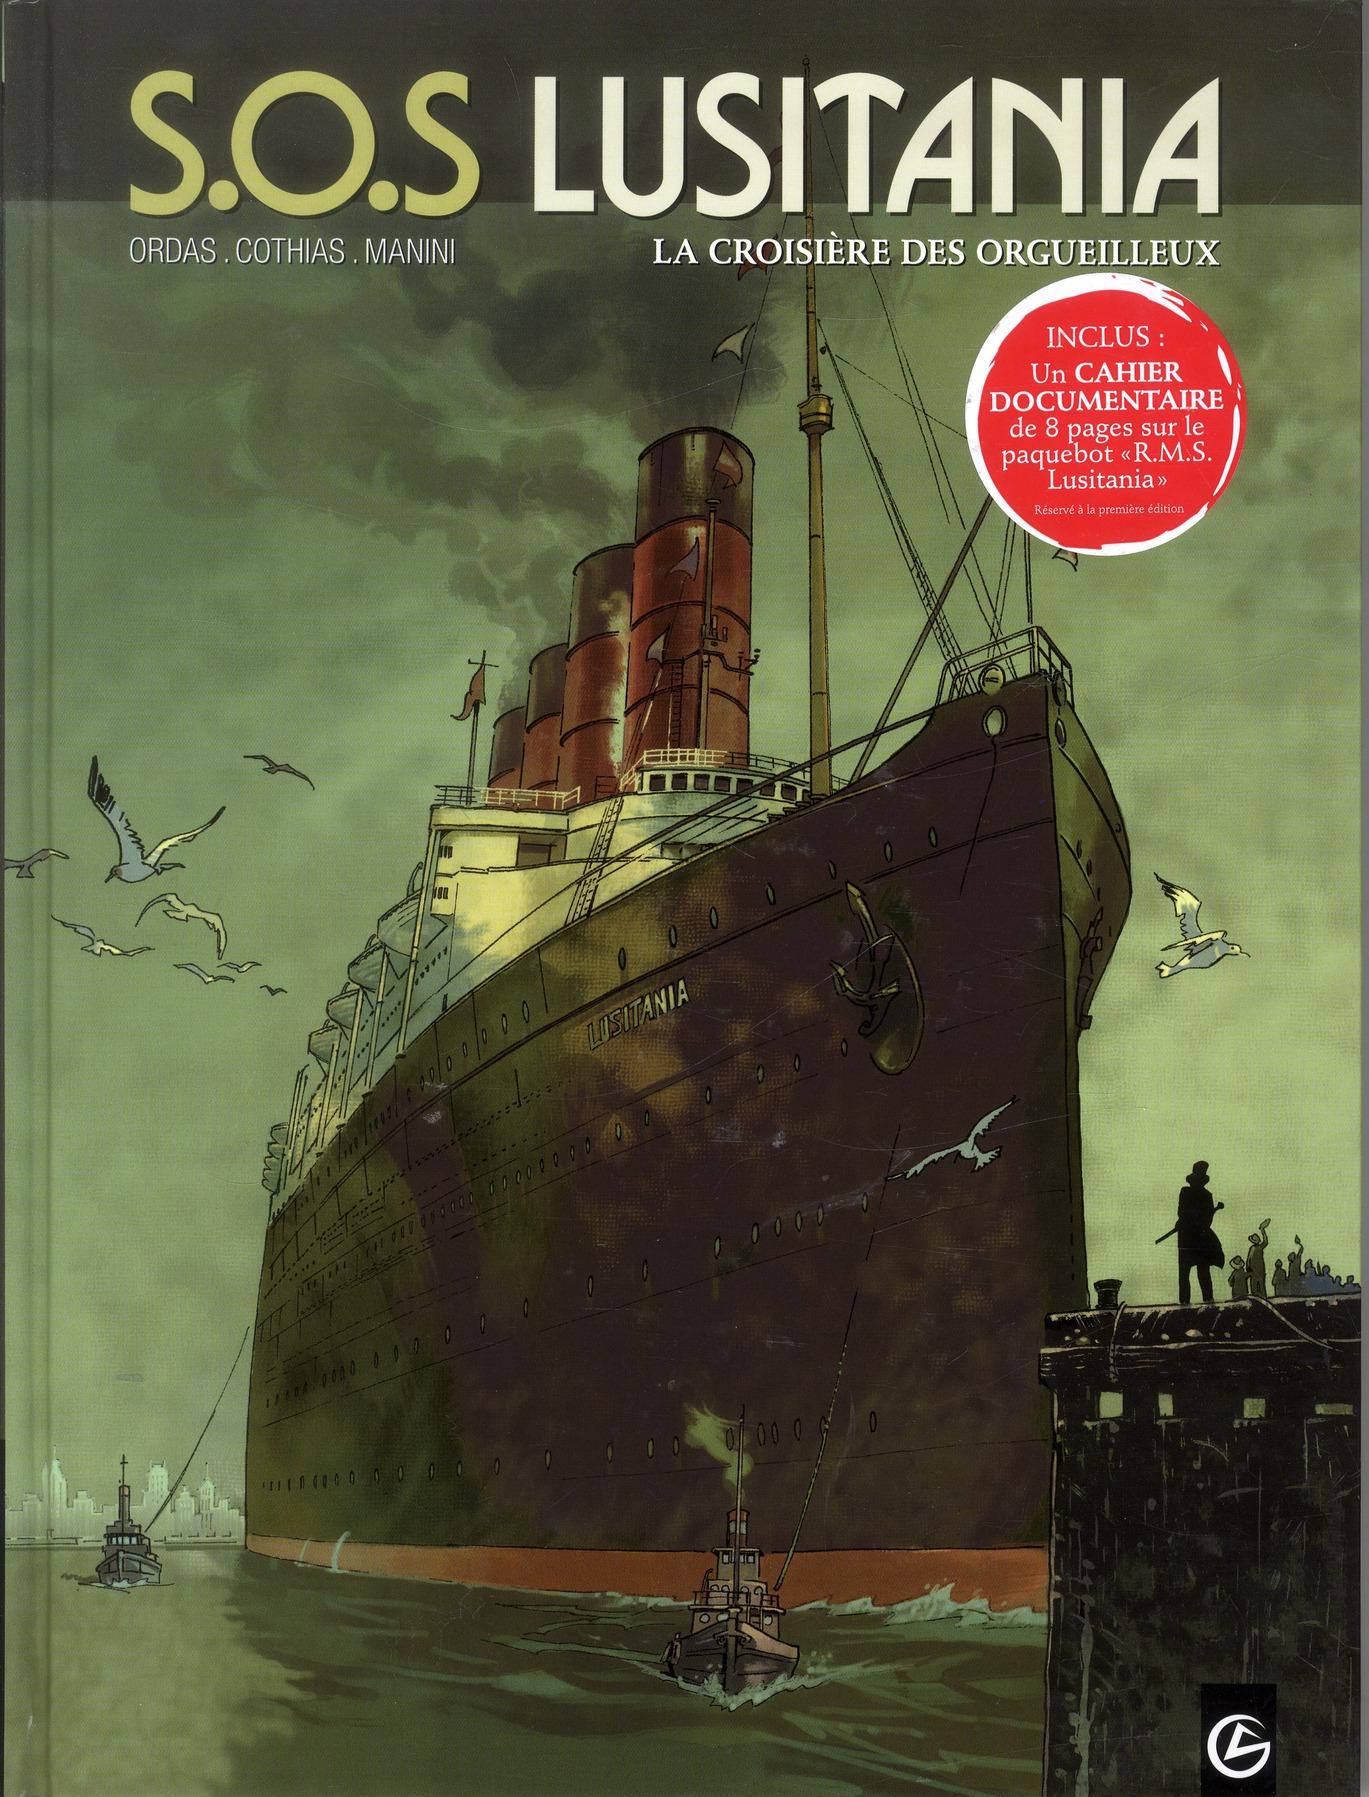 S.O.S LUSITANIA - VOLUME 1 - LA CROISIERE DES ORGUEILLEUX